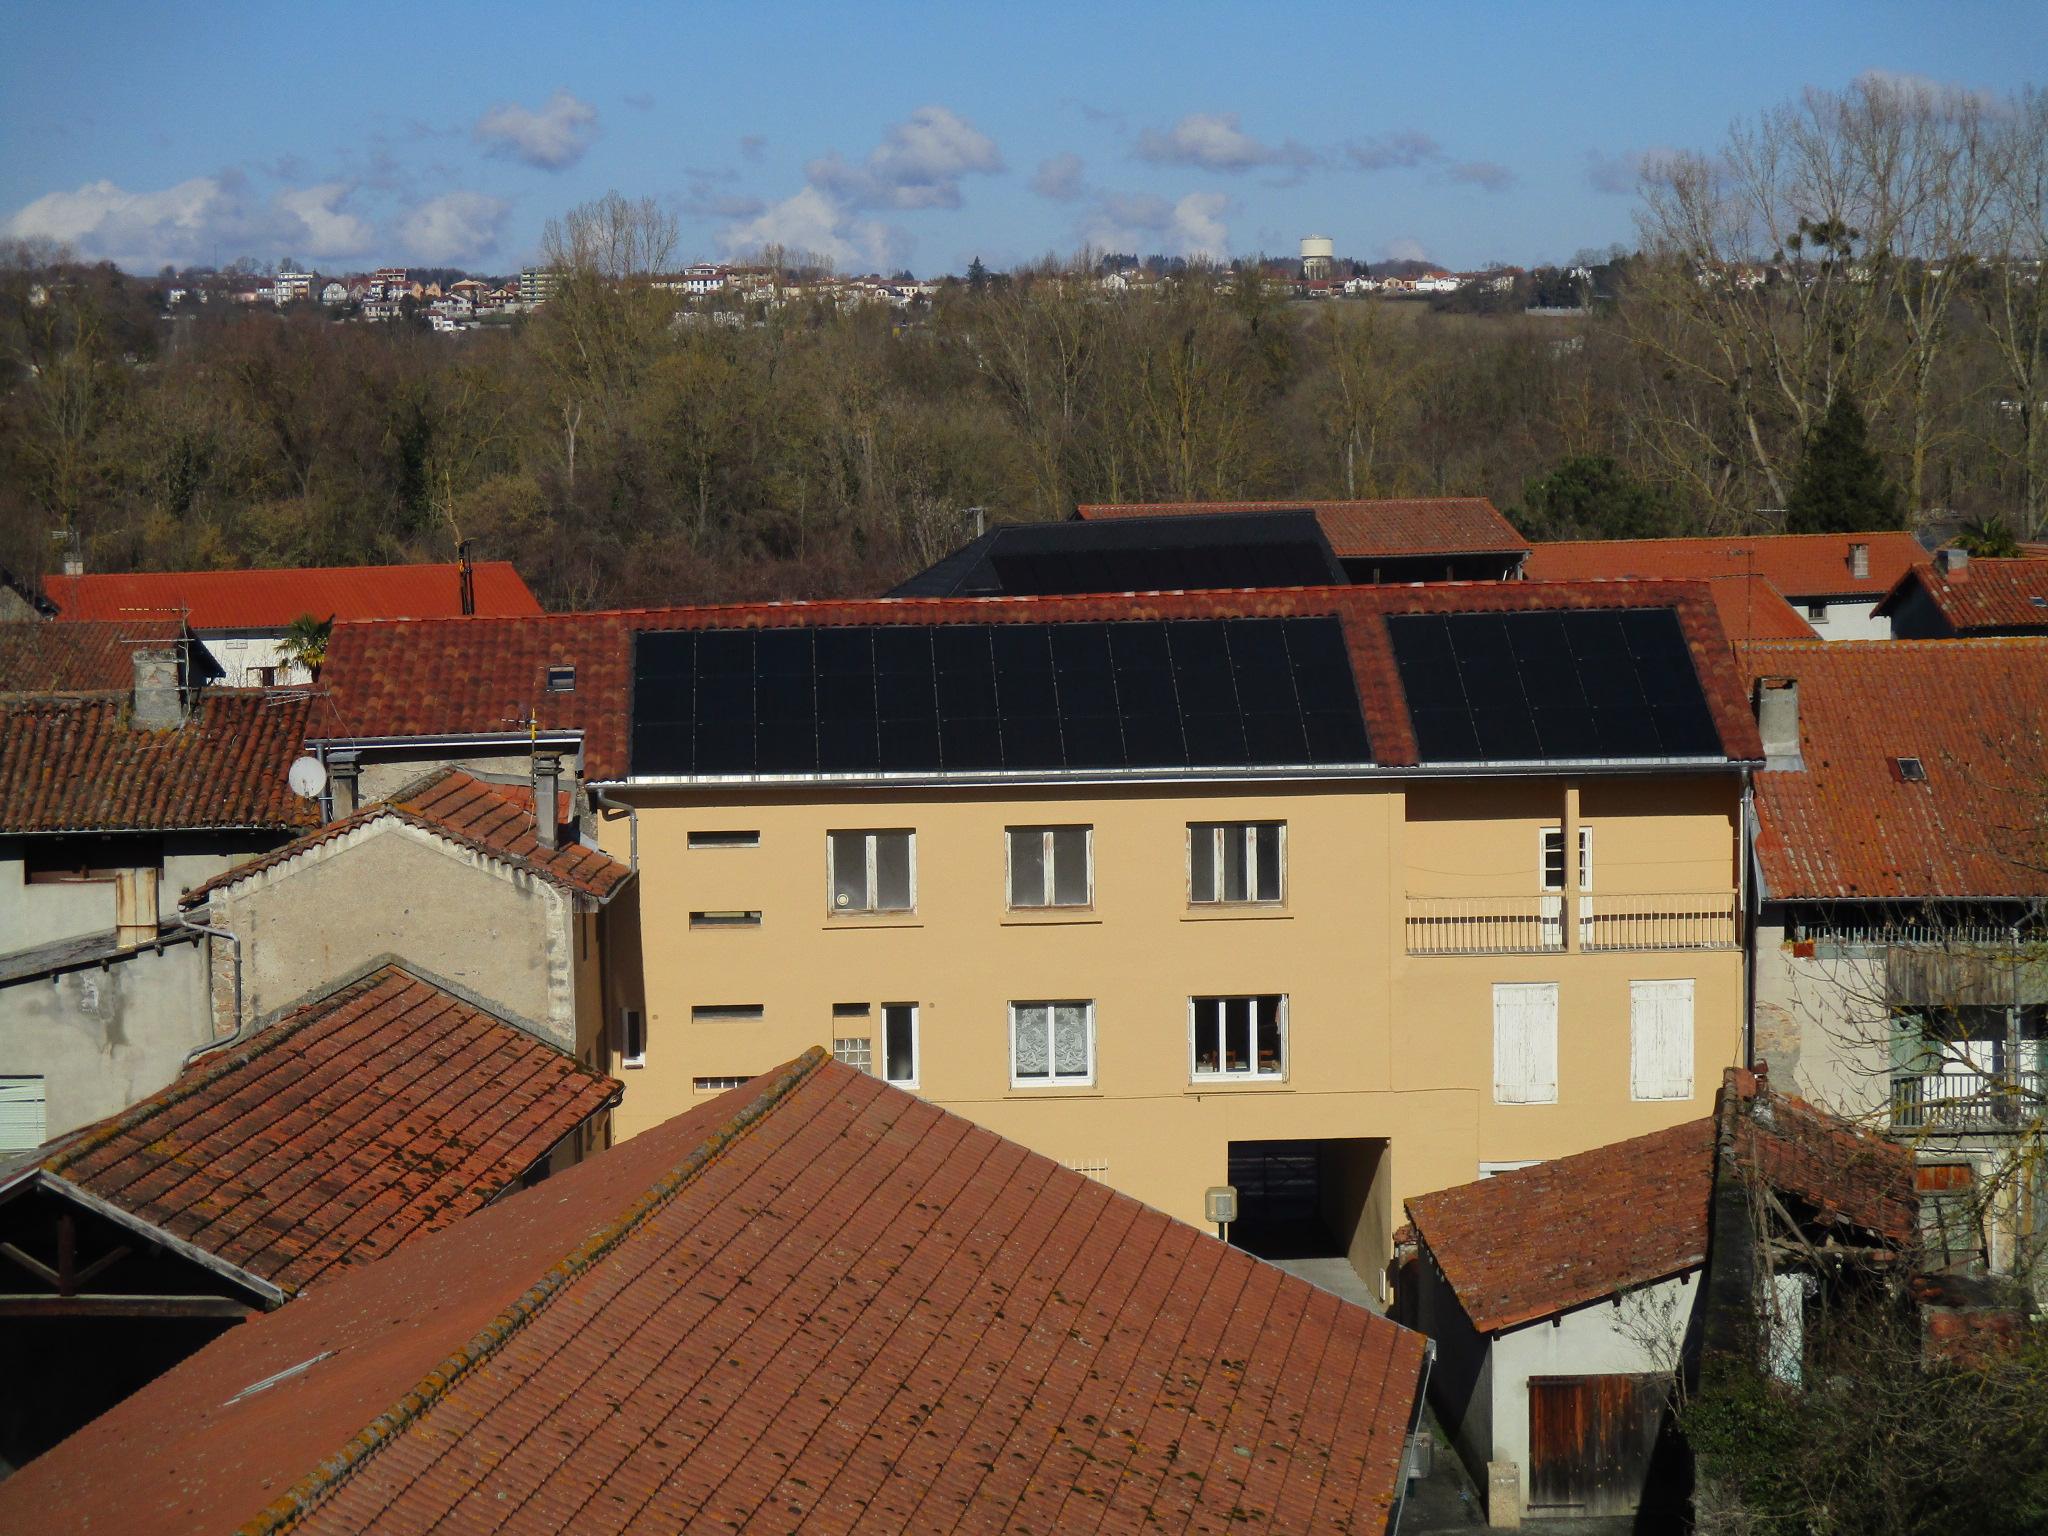 Panneaux photovoltaïques régie miramont